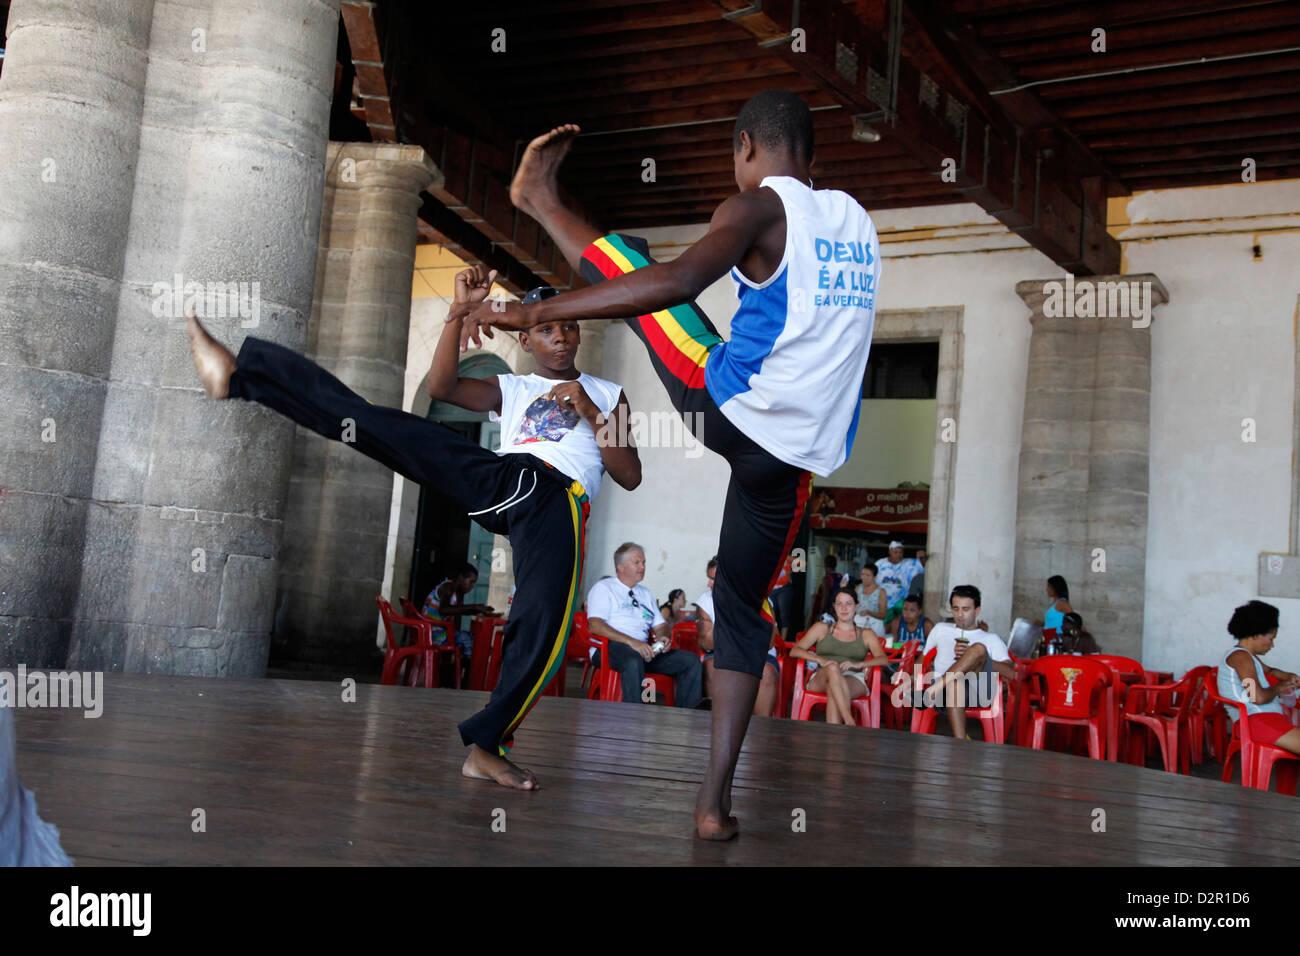 Capoeira performance at Mercado Modelo, Salvador (Salvador de Bahia), Bahia, Brazil, South America - Stock Image